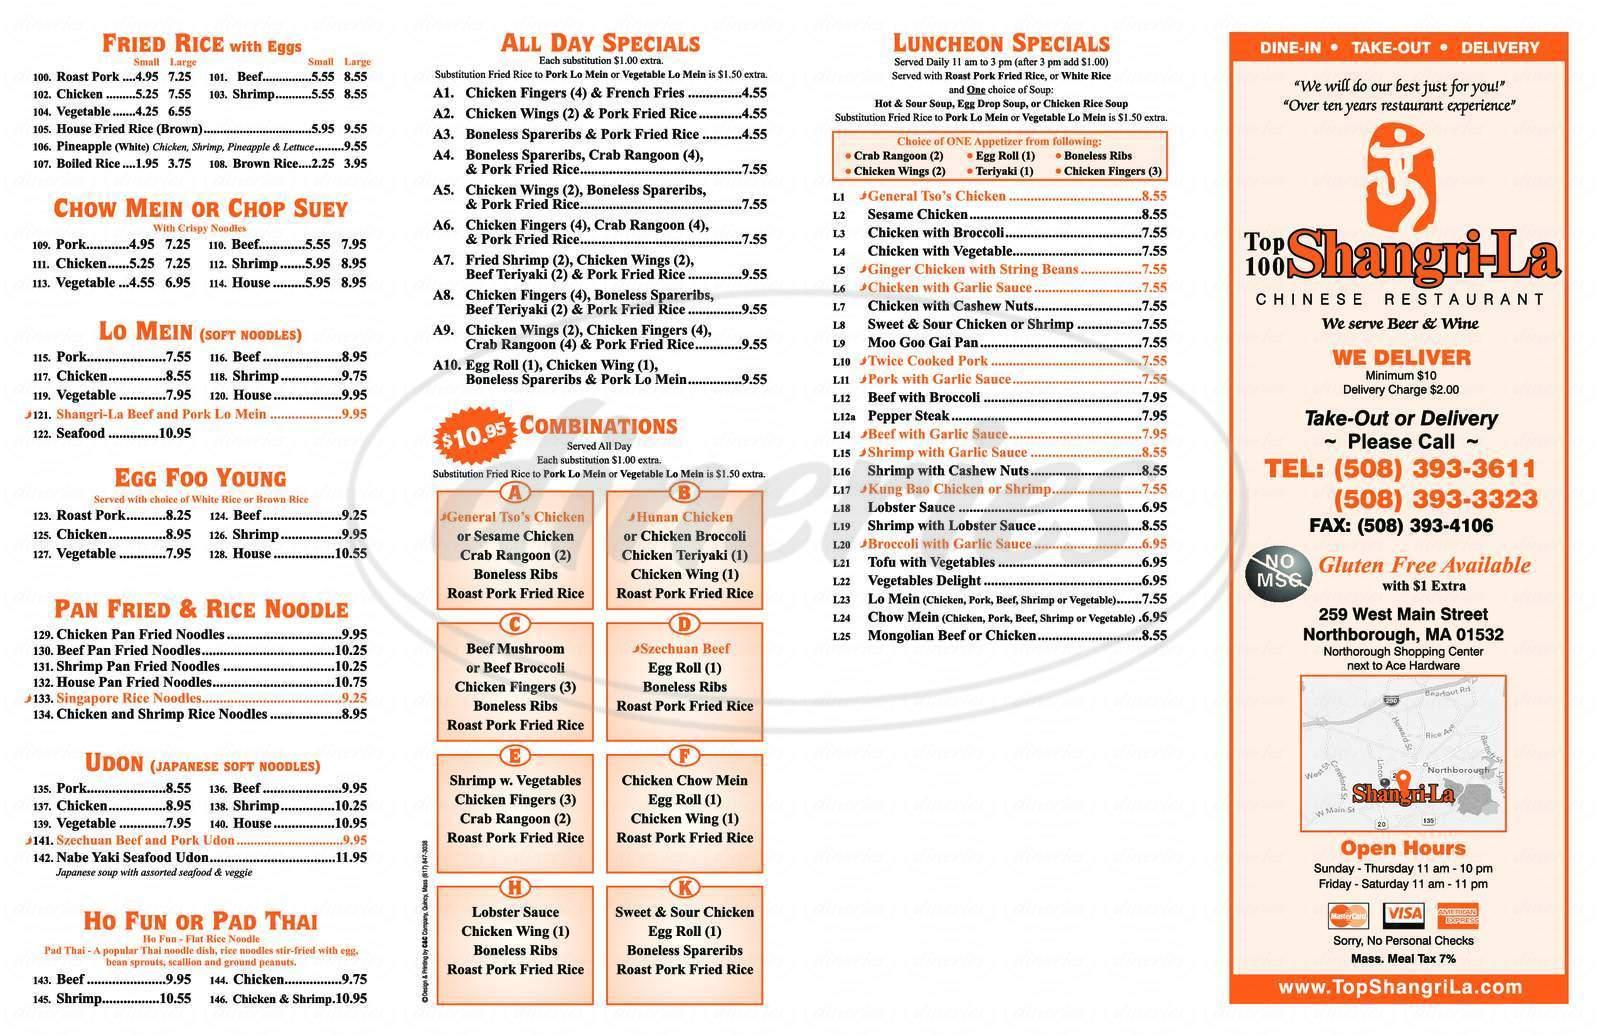 menu for Top 100 Shangri-La